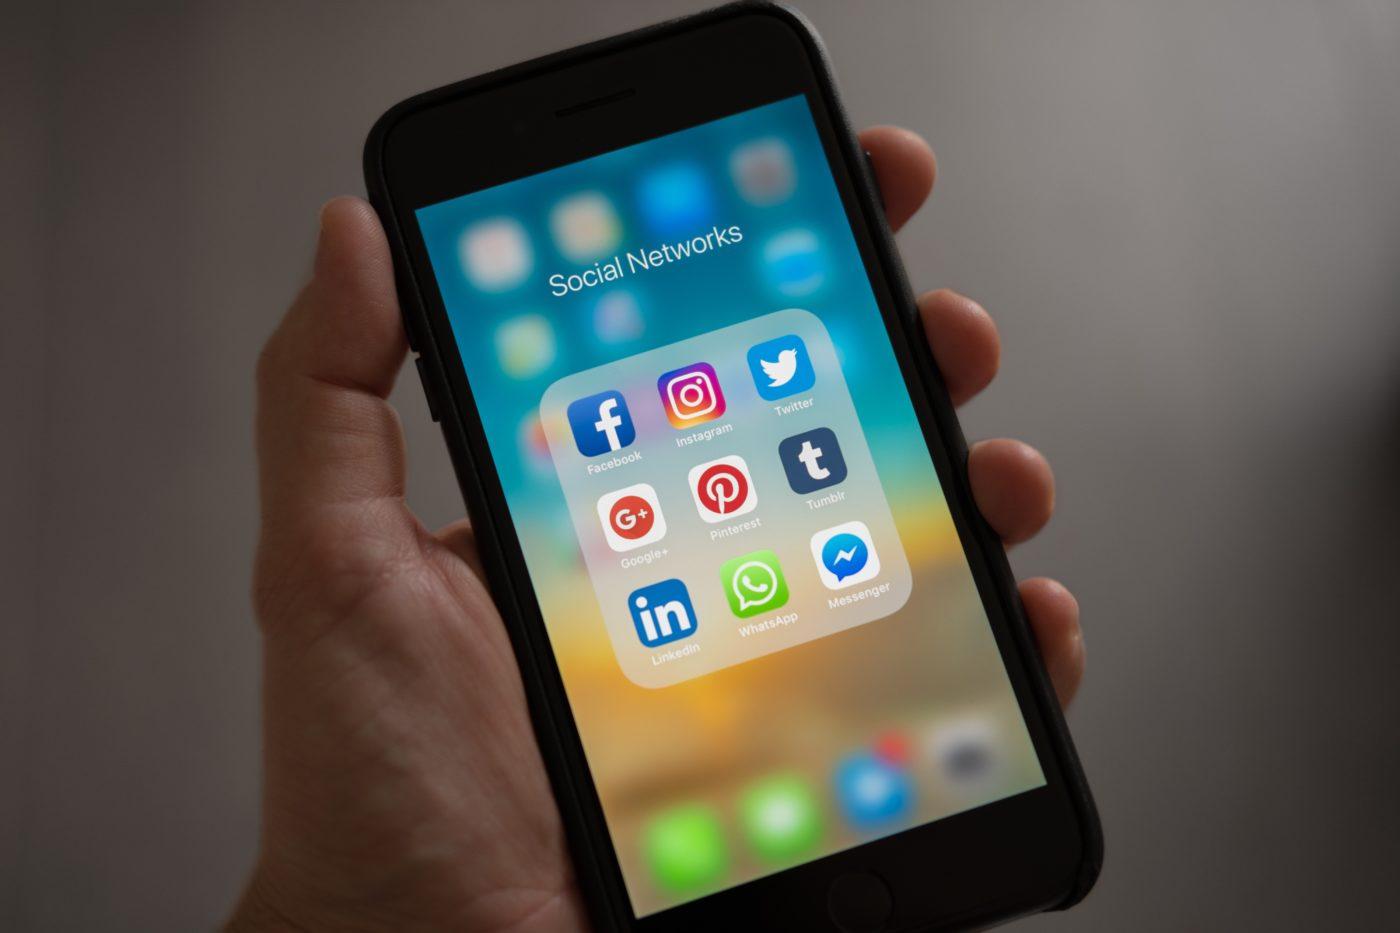 Handy mit Social Media Apps